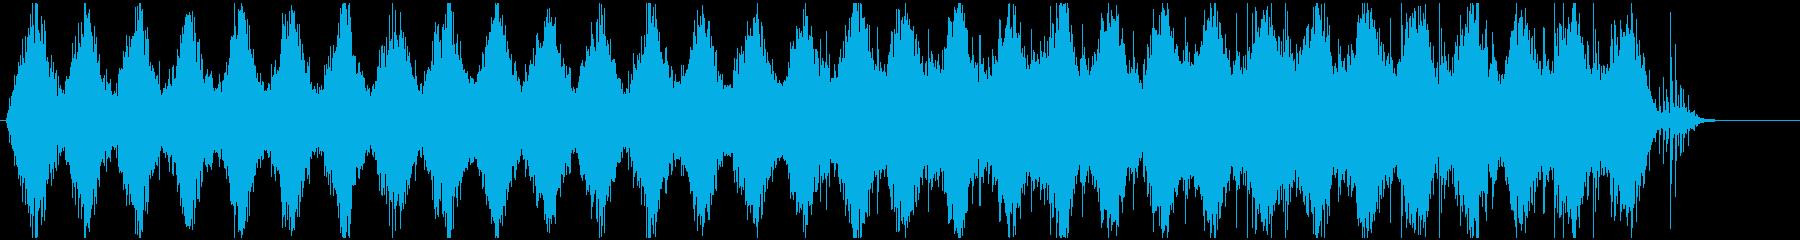 ホラー サスペンス 異次元 アンビエントの再生済みの波形